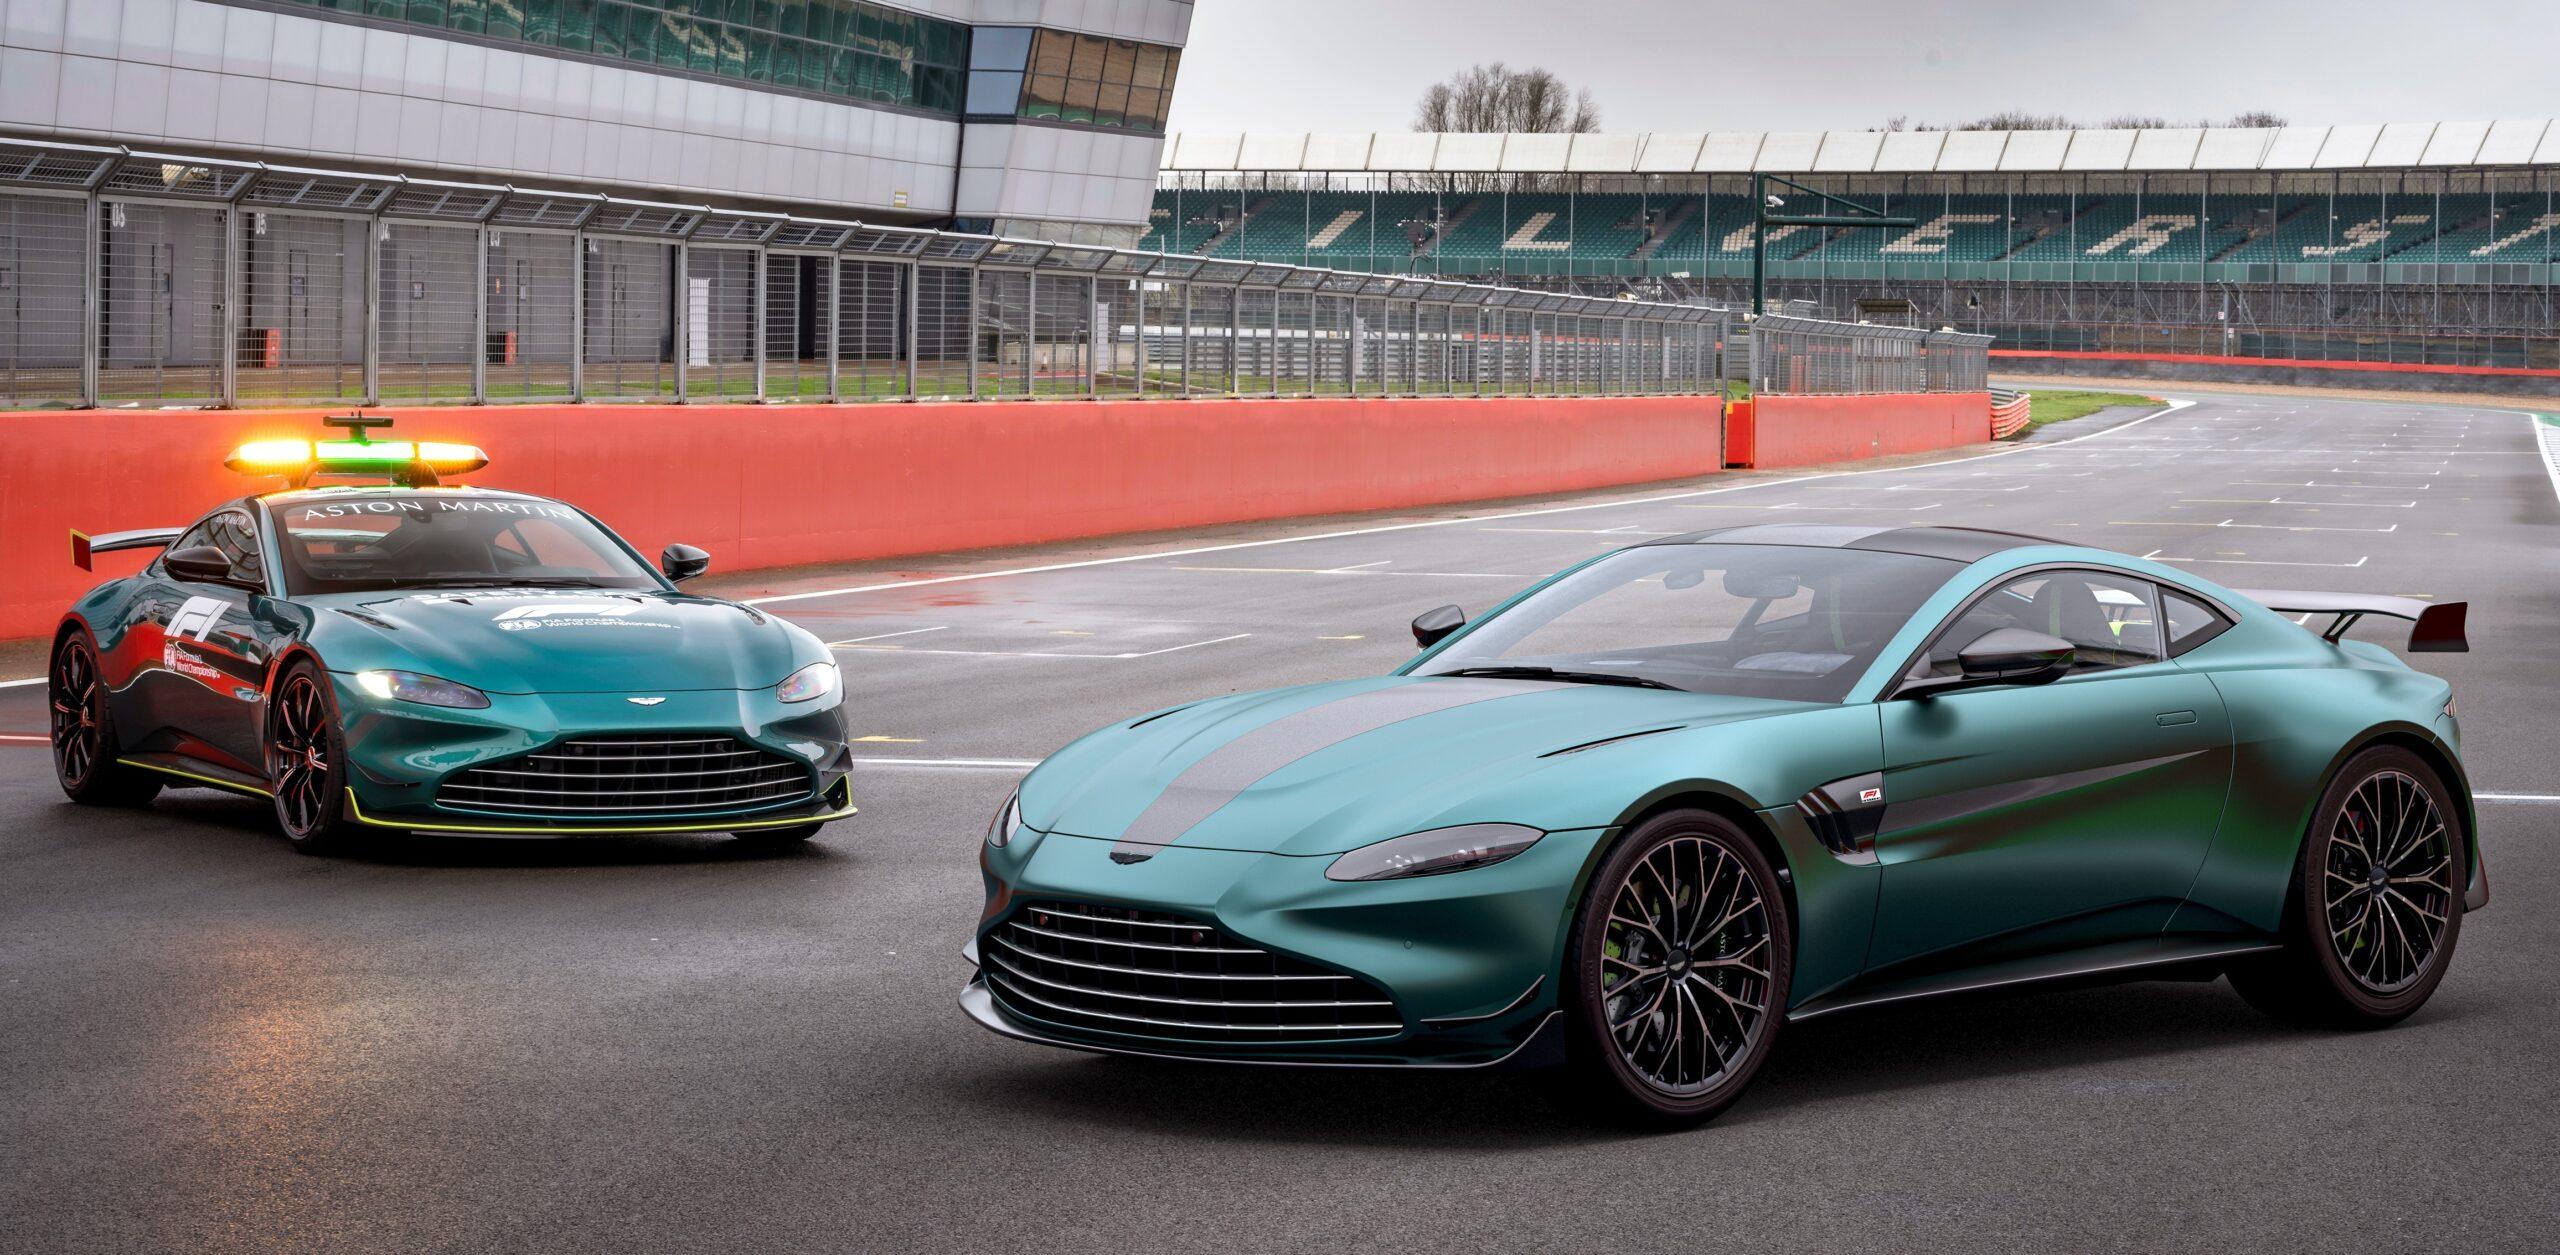 Aston Martin Vantage F1 Edition: nuova versione speciale.